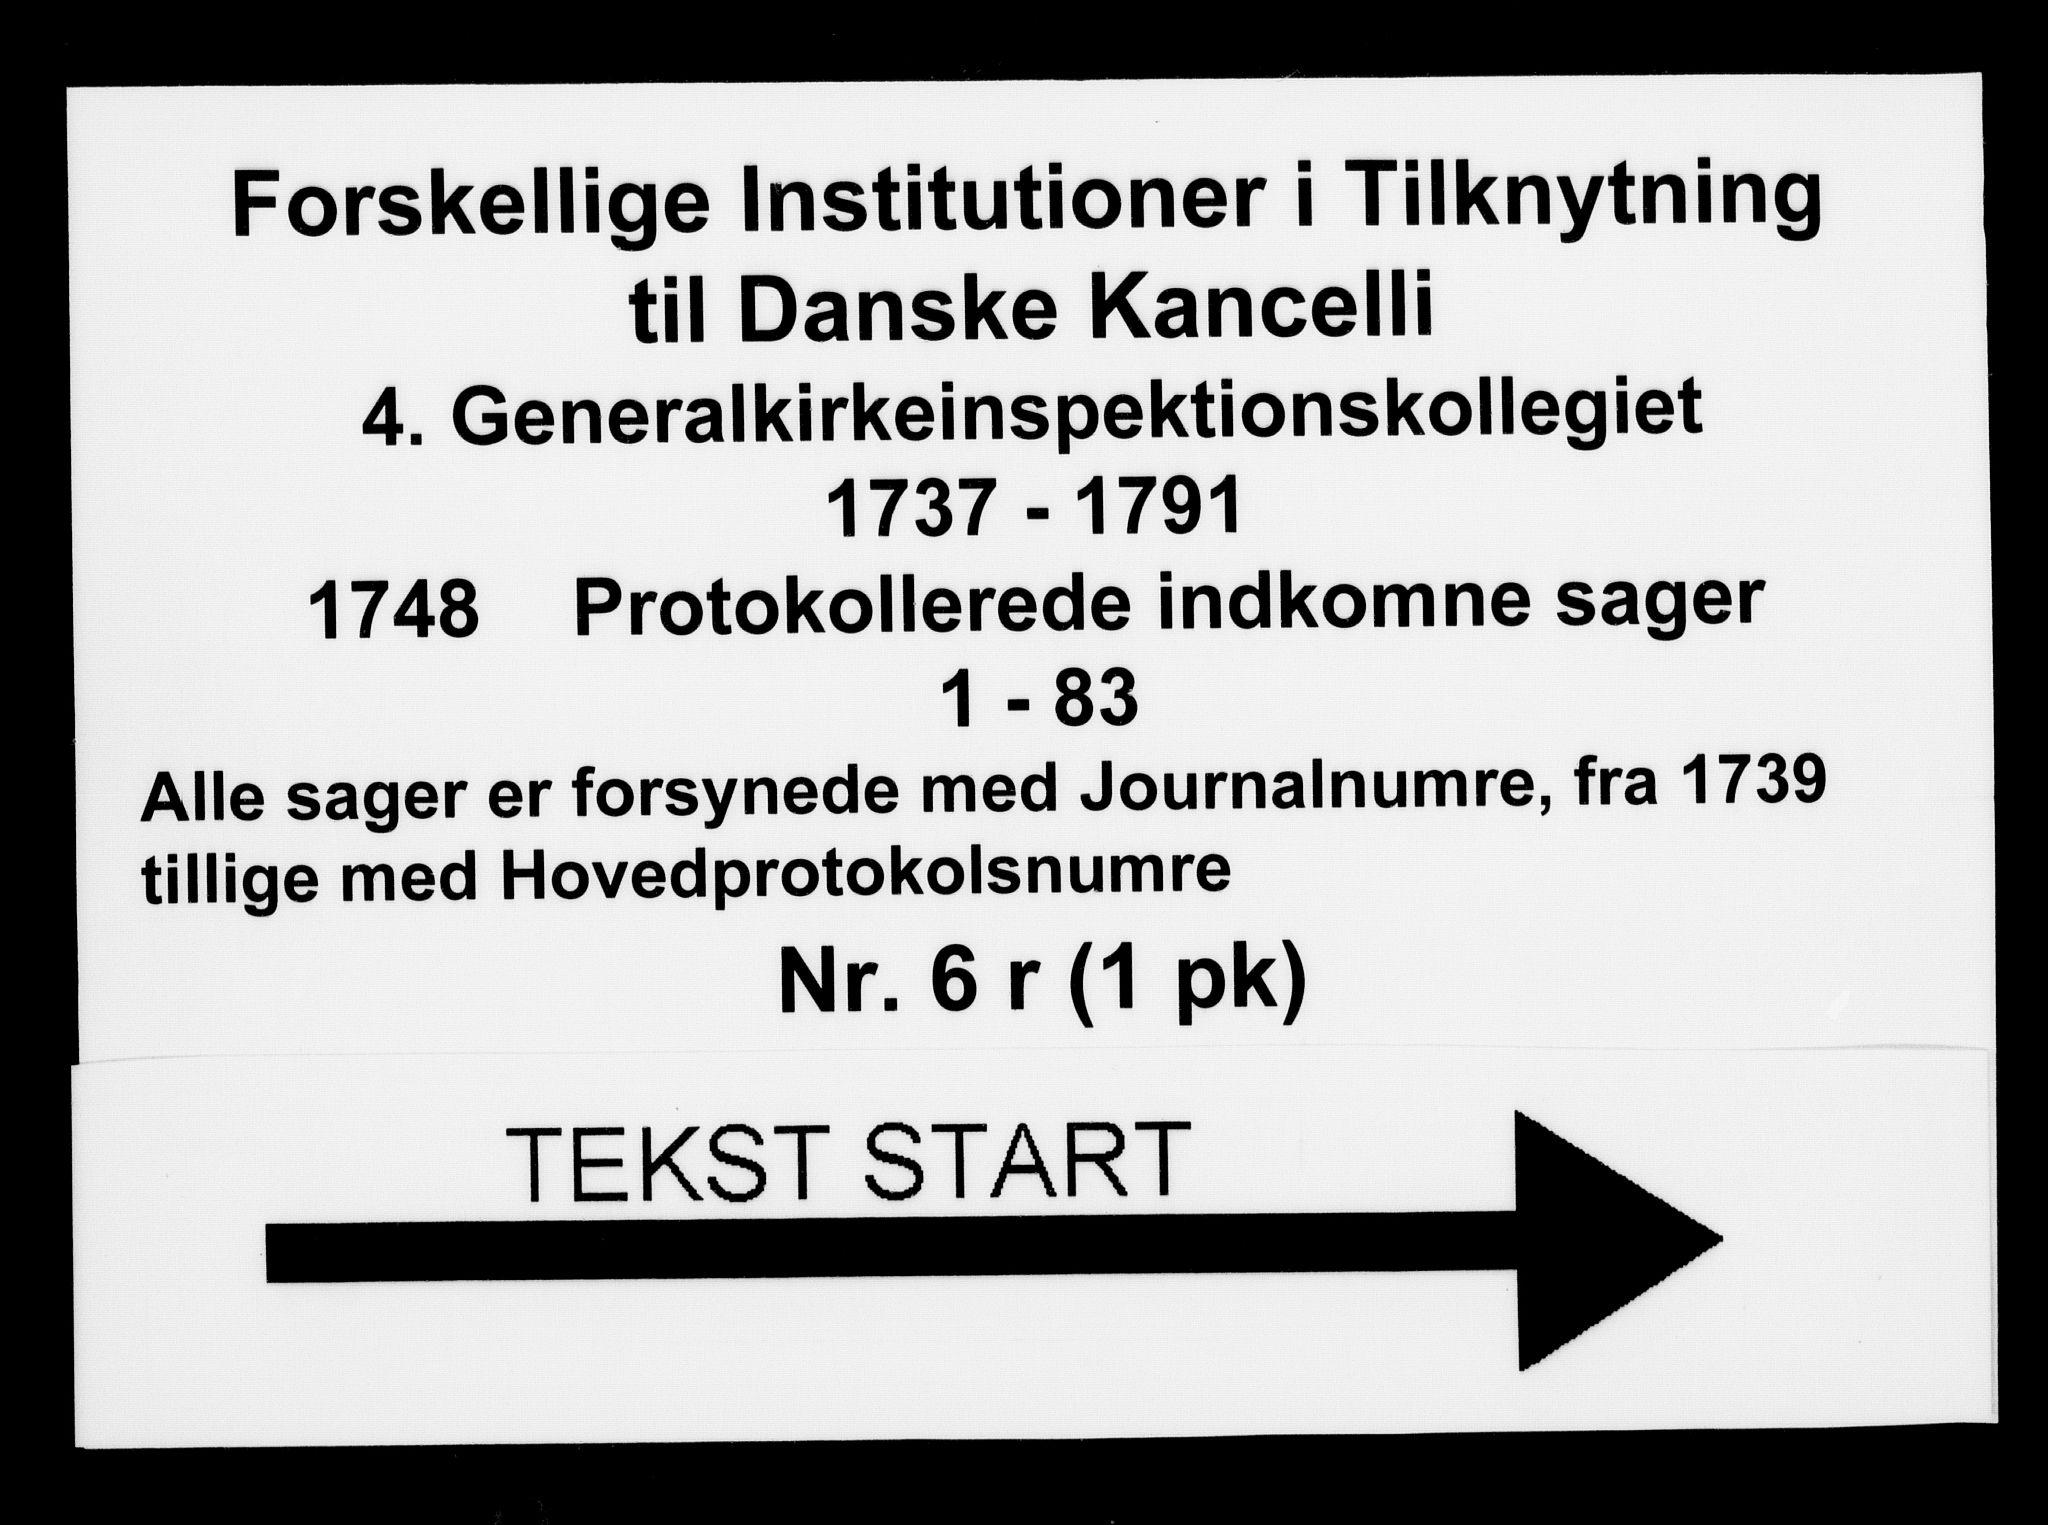 DRA, Generalkirkeinspektionskollegiet, F4-06/F4-06-18: Protokollerede indkomne sager, 1748